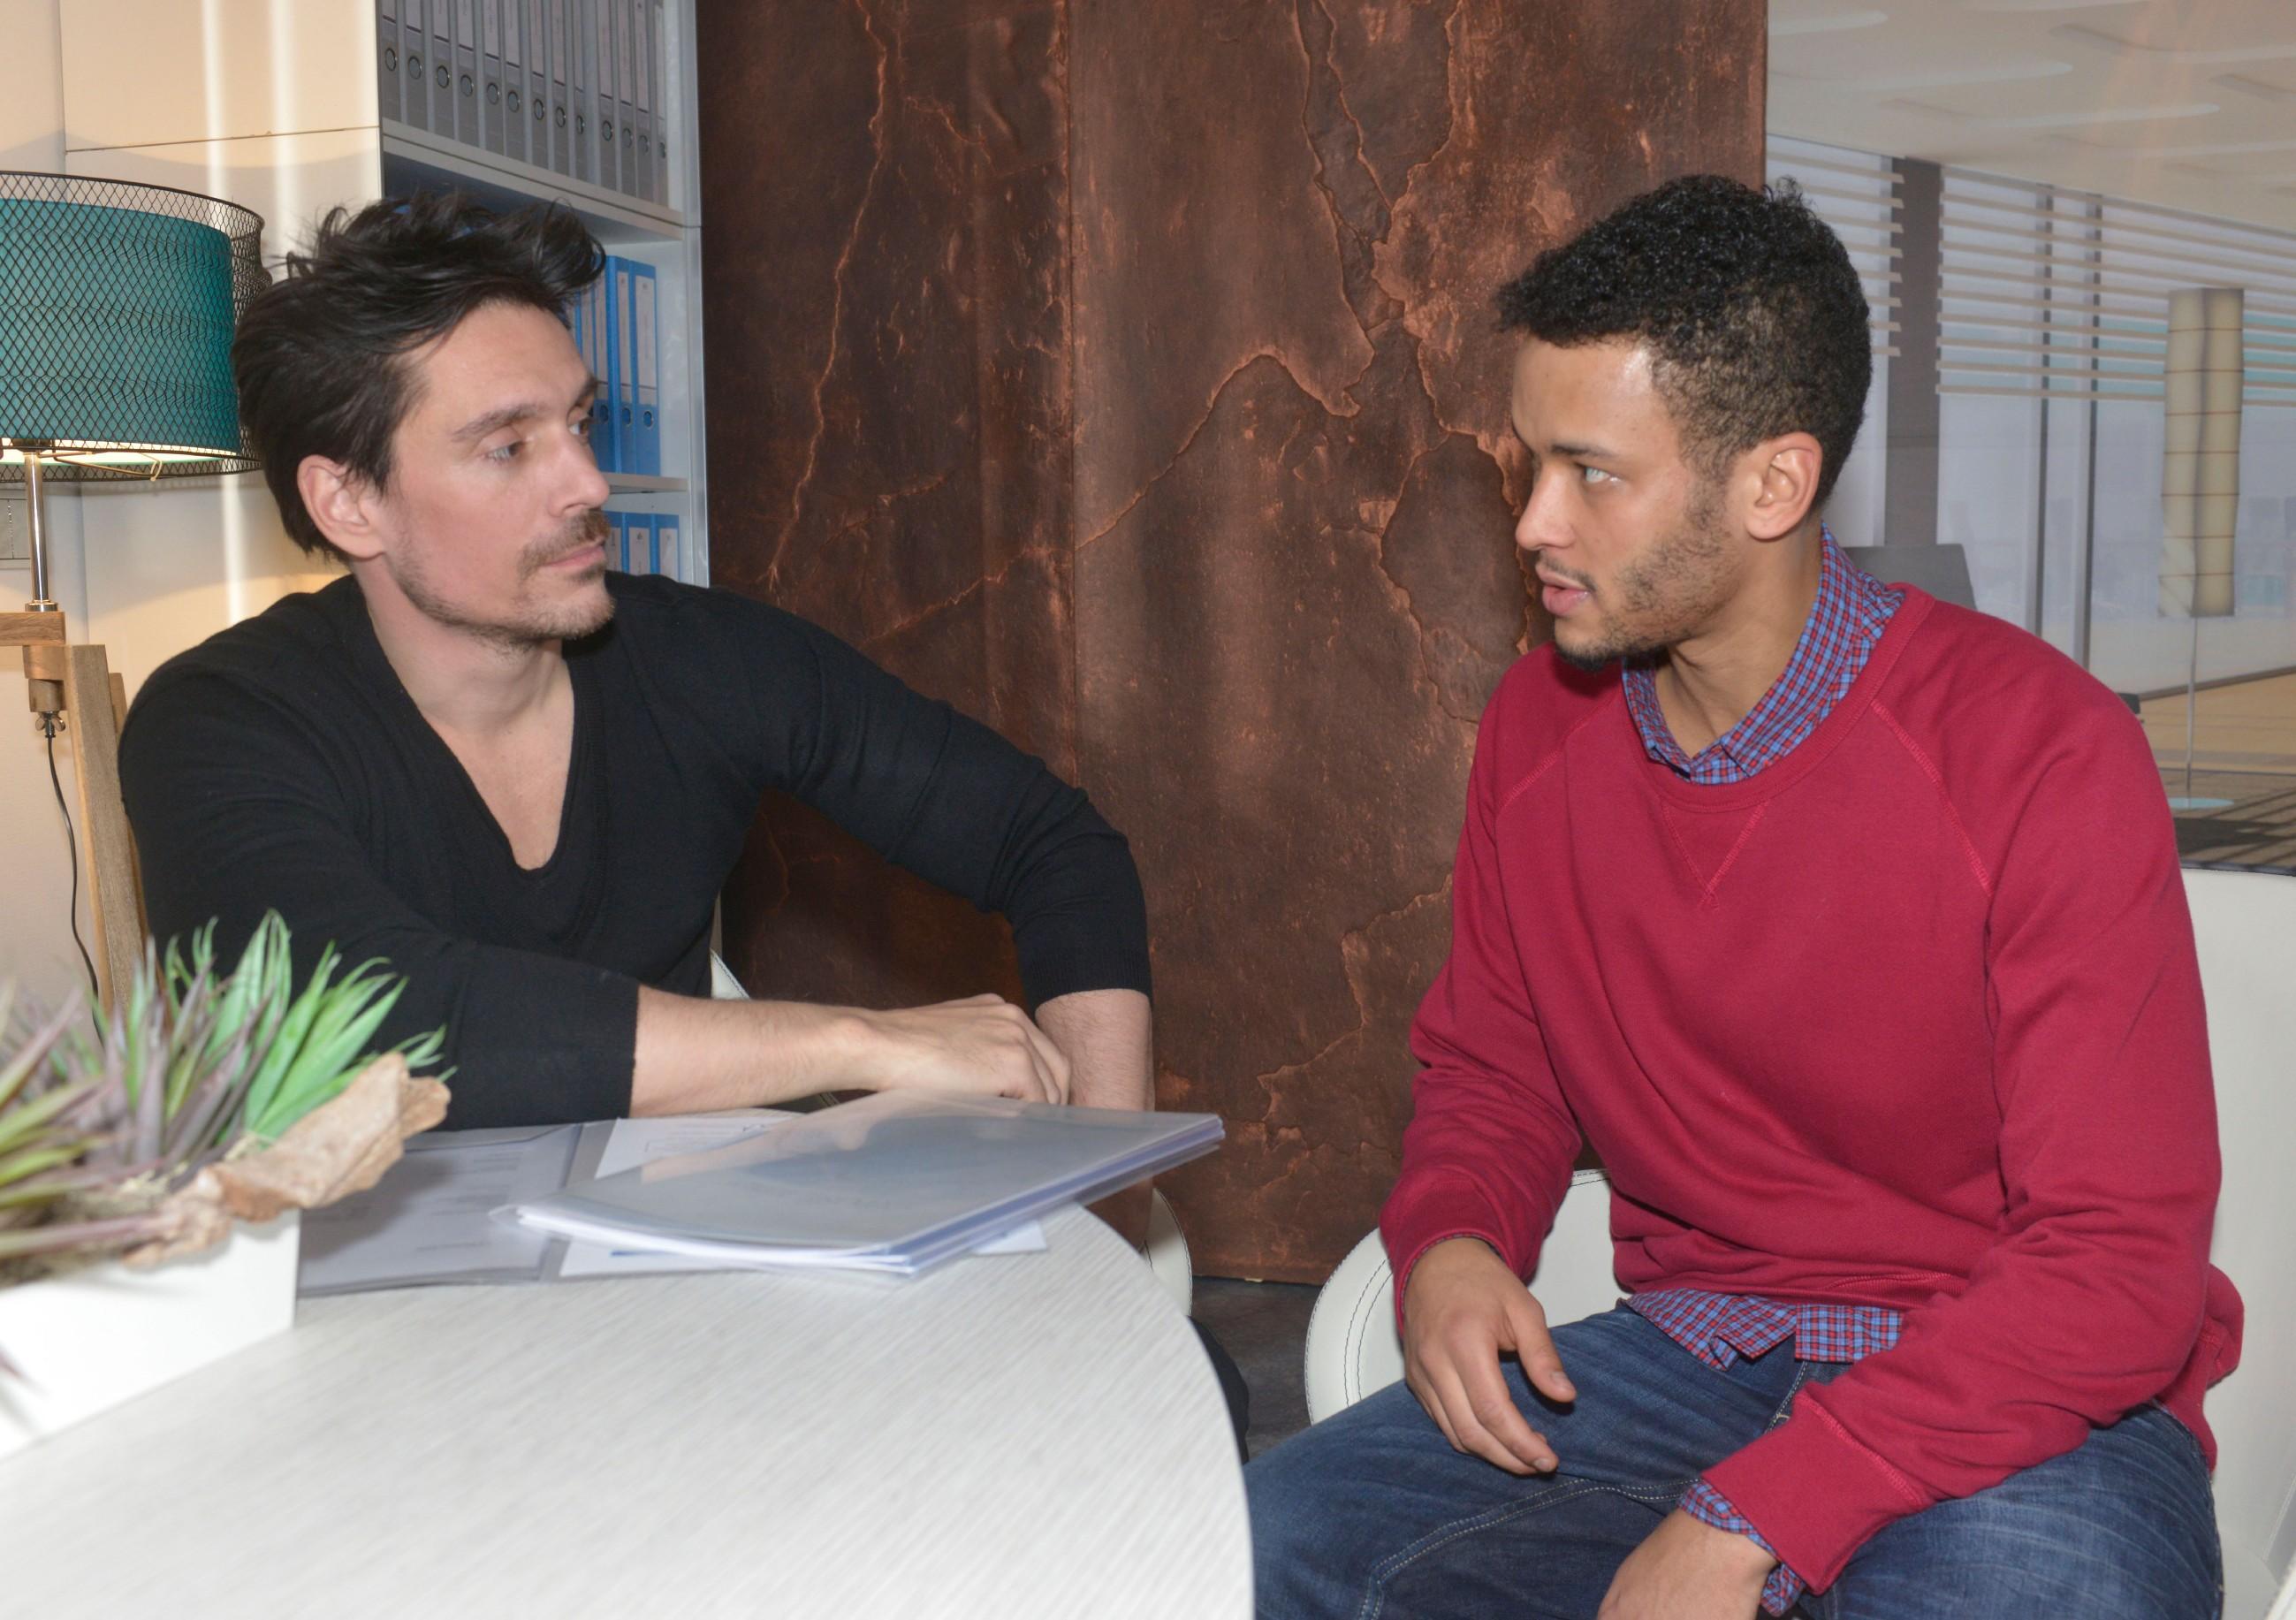 Als David (Philipp Christopher, l.) mutmaßt, dass nur Amar (Thando Walbaum) Anni bei der Leichenentsorgung geholfen haben kann, beginnt er Amar konsequent unter Druck zu setzen... (Quelle: RTL / Rolf Baumgartner)